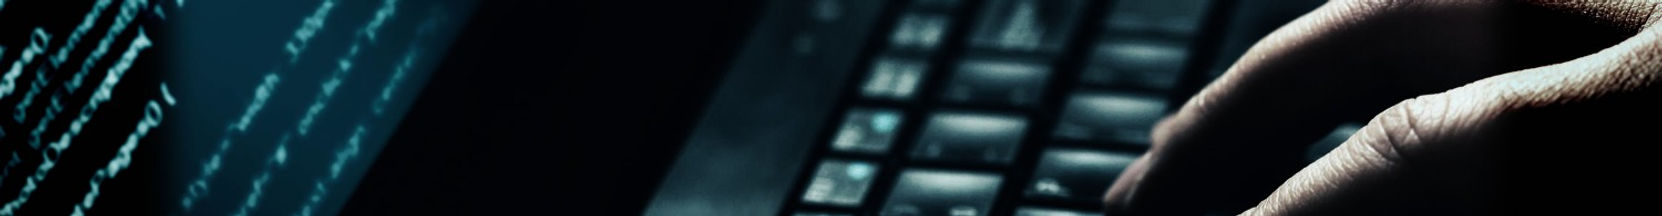 Segurança de Ti, firewall, informática - Guarulhos